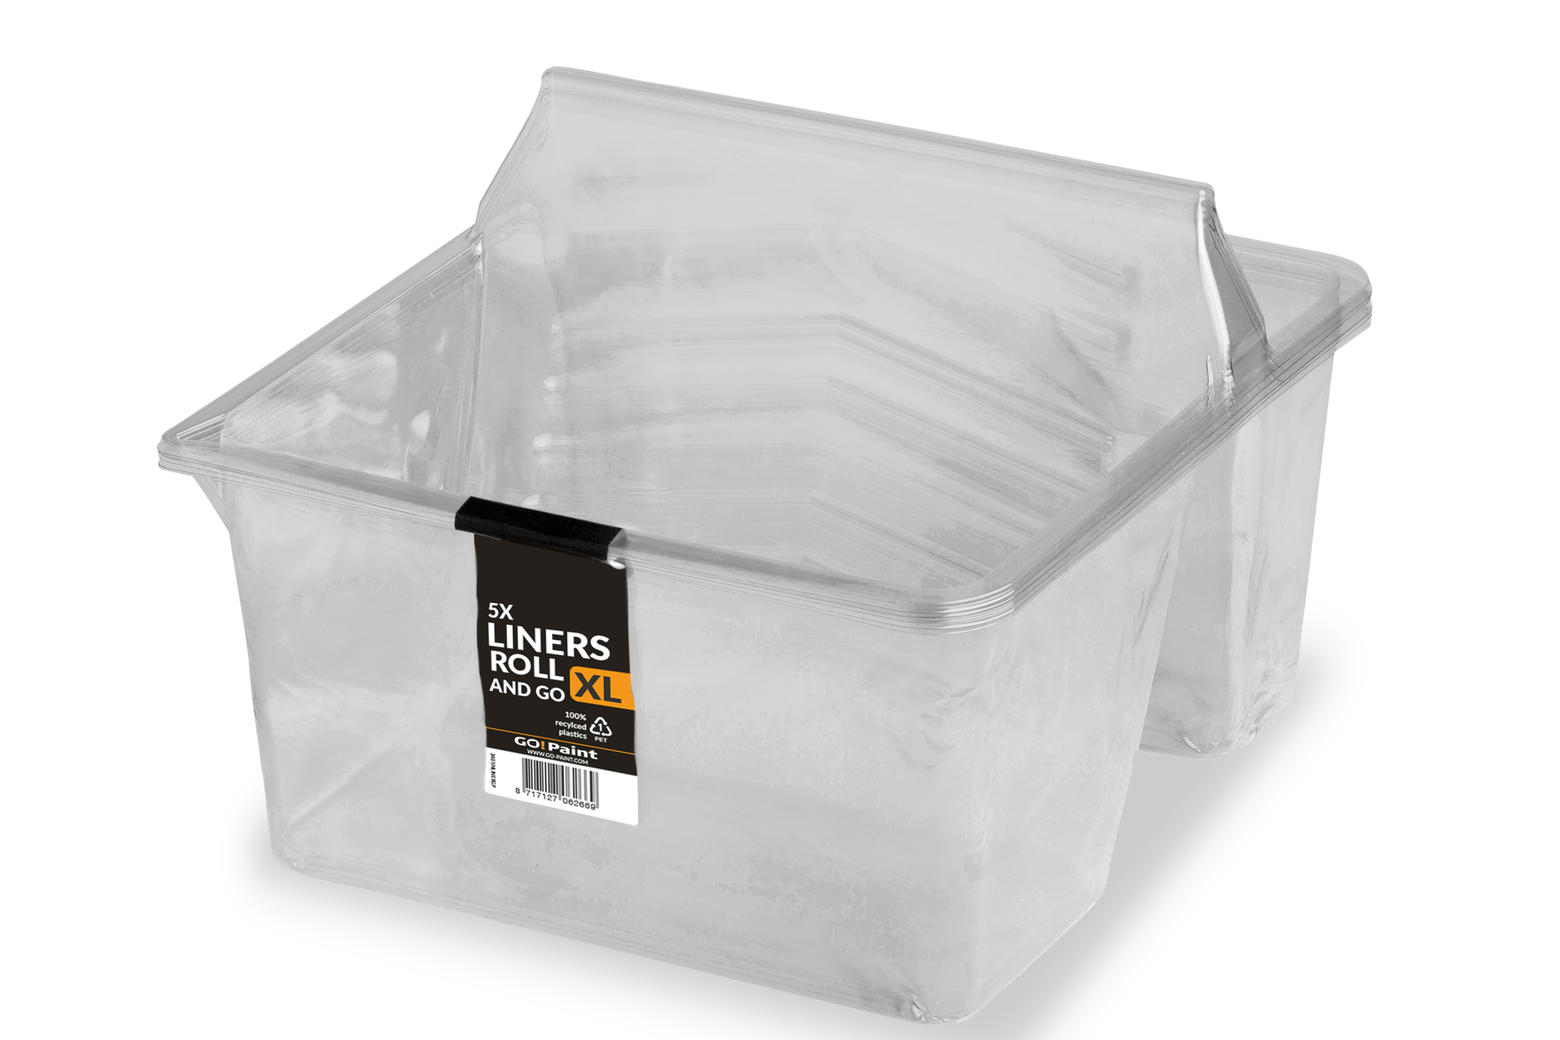 Durch die speziellen Einweg-Liner lässt sich der Behälter mehrfach benutzen und schnell aufräumen, denn er muss nicht gereinigt werden.